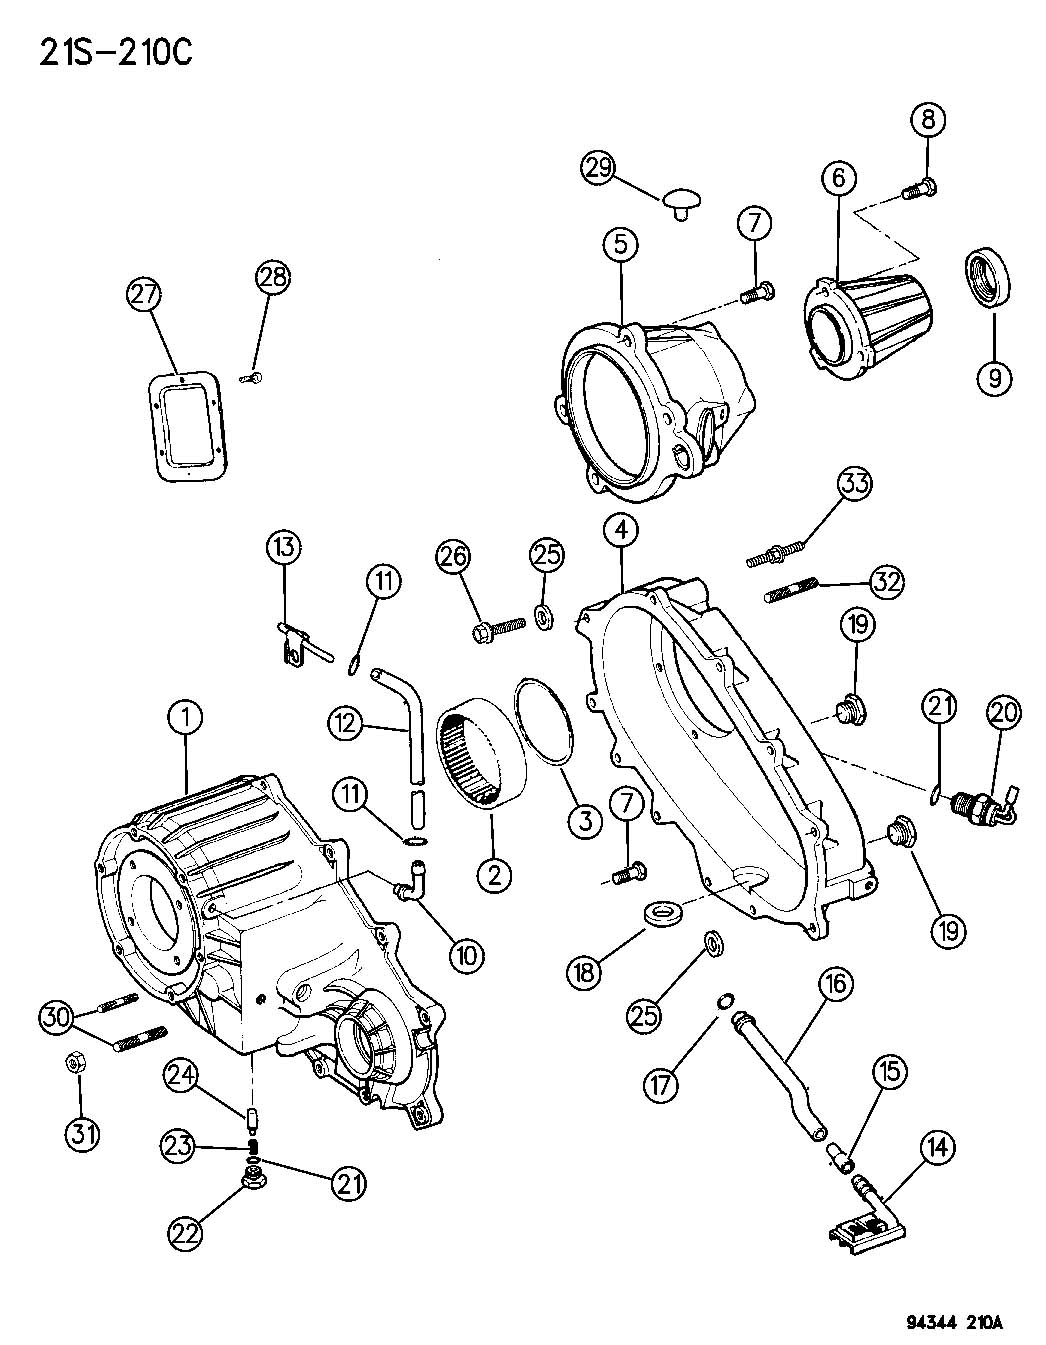 Dodge Ram Case Transfer Rear Heavy Duty